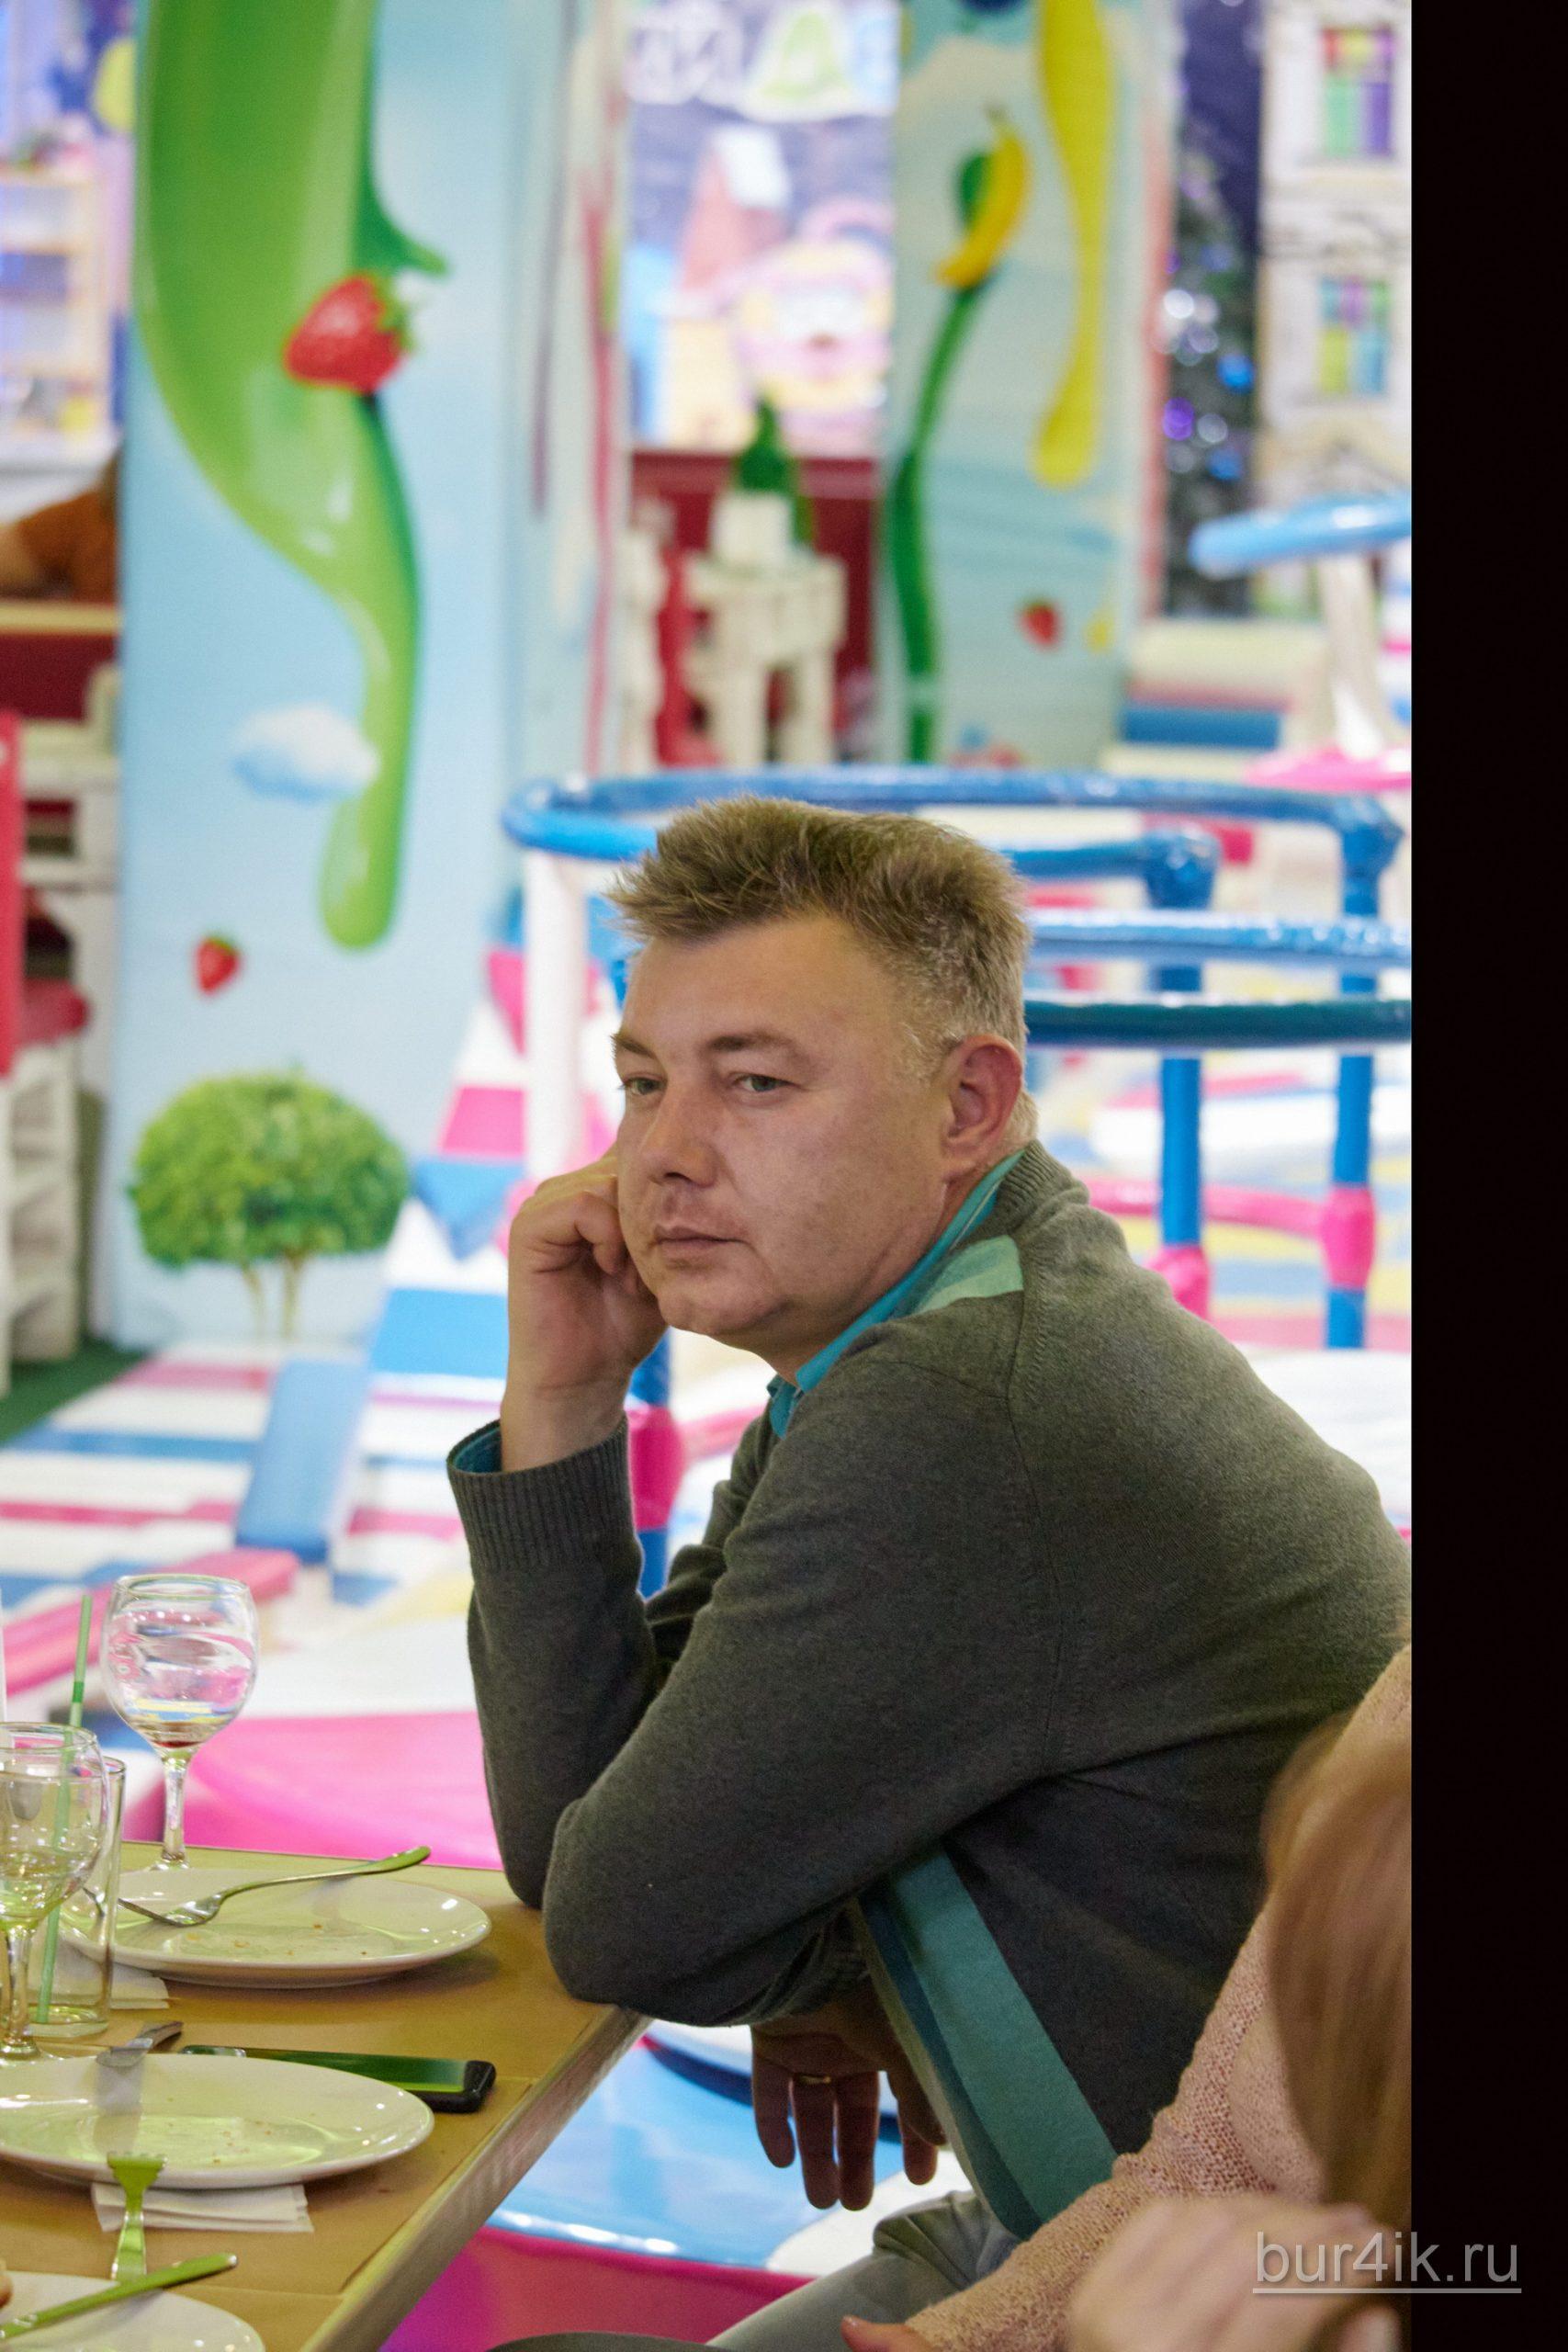 Фото Детское День Рождения в Детский Дворик 15.01.2020 №215 -photo- bur4ik.ru